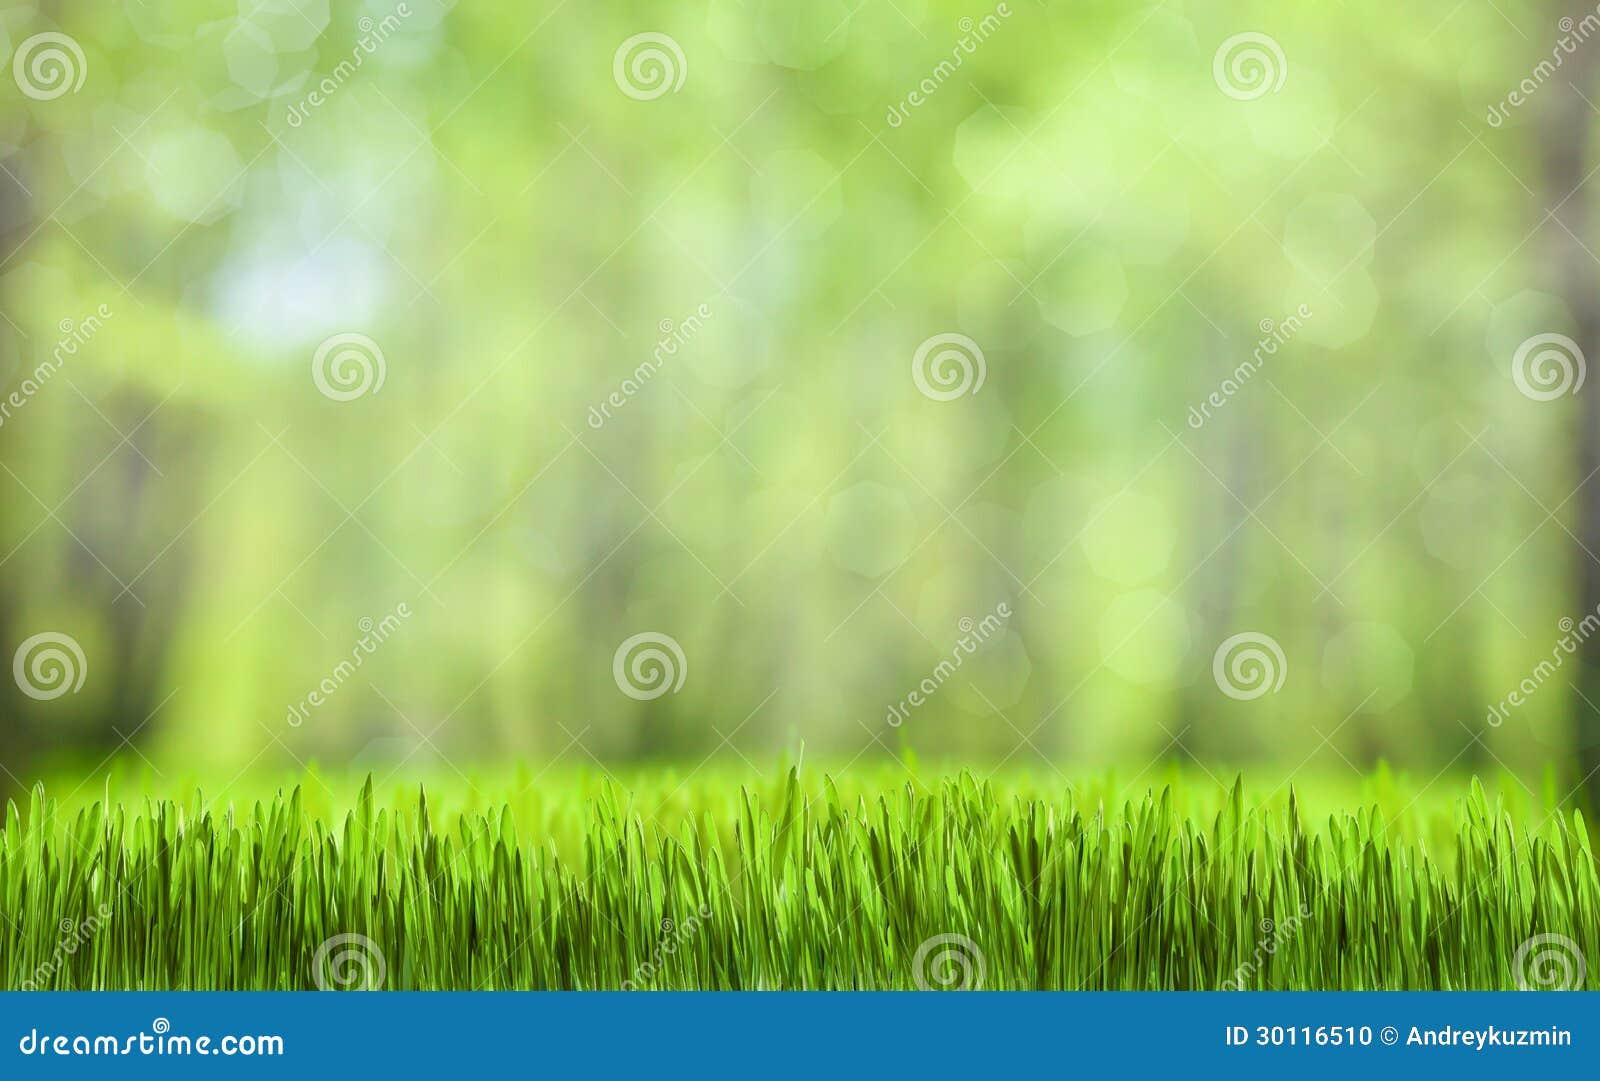 Zusammenfassungsnaturhintergrund des grünen Grases